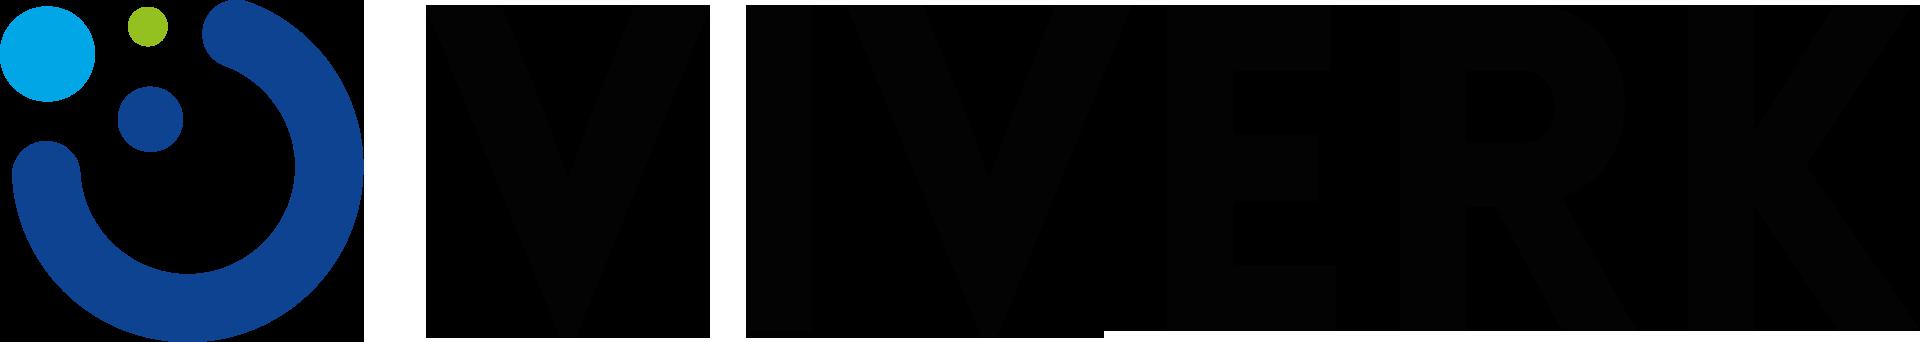 Viverk AB